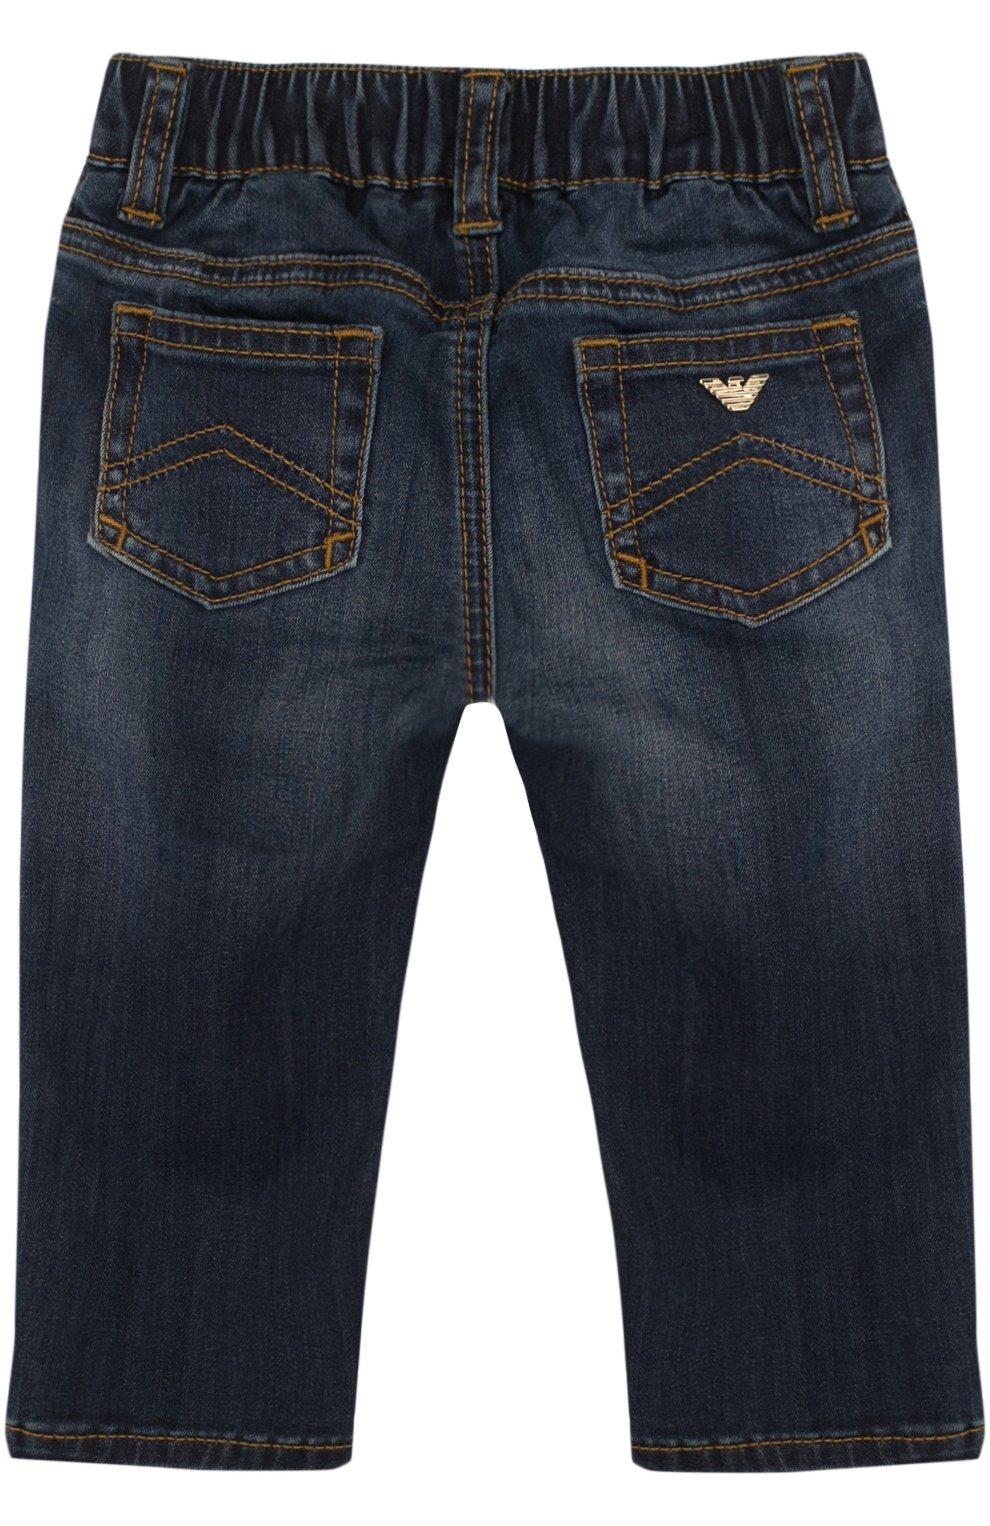 Детские джинсы с декоративными потертостями и эластичной вставкой на поясе ARMANI JUNIOR синего цвета, арт. 3ZEJ23/3DFAZ | Фото 2